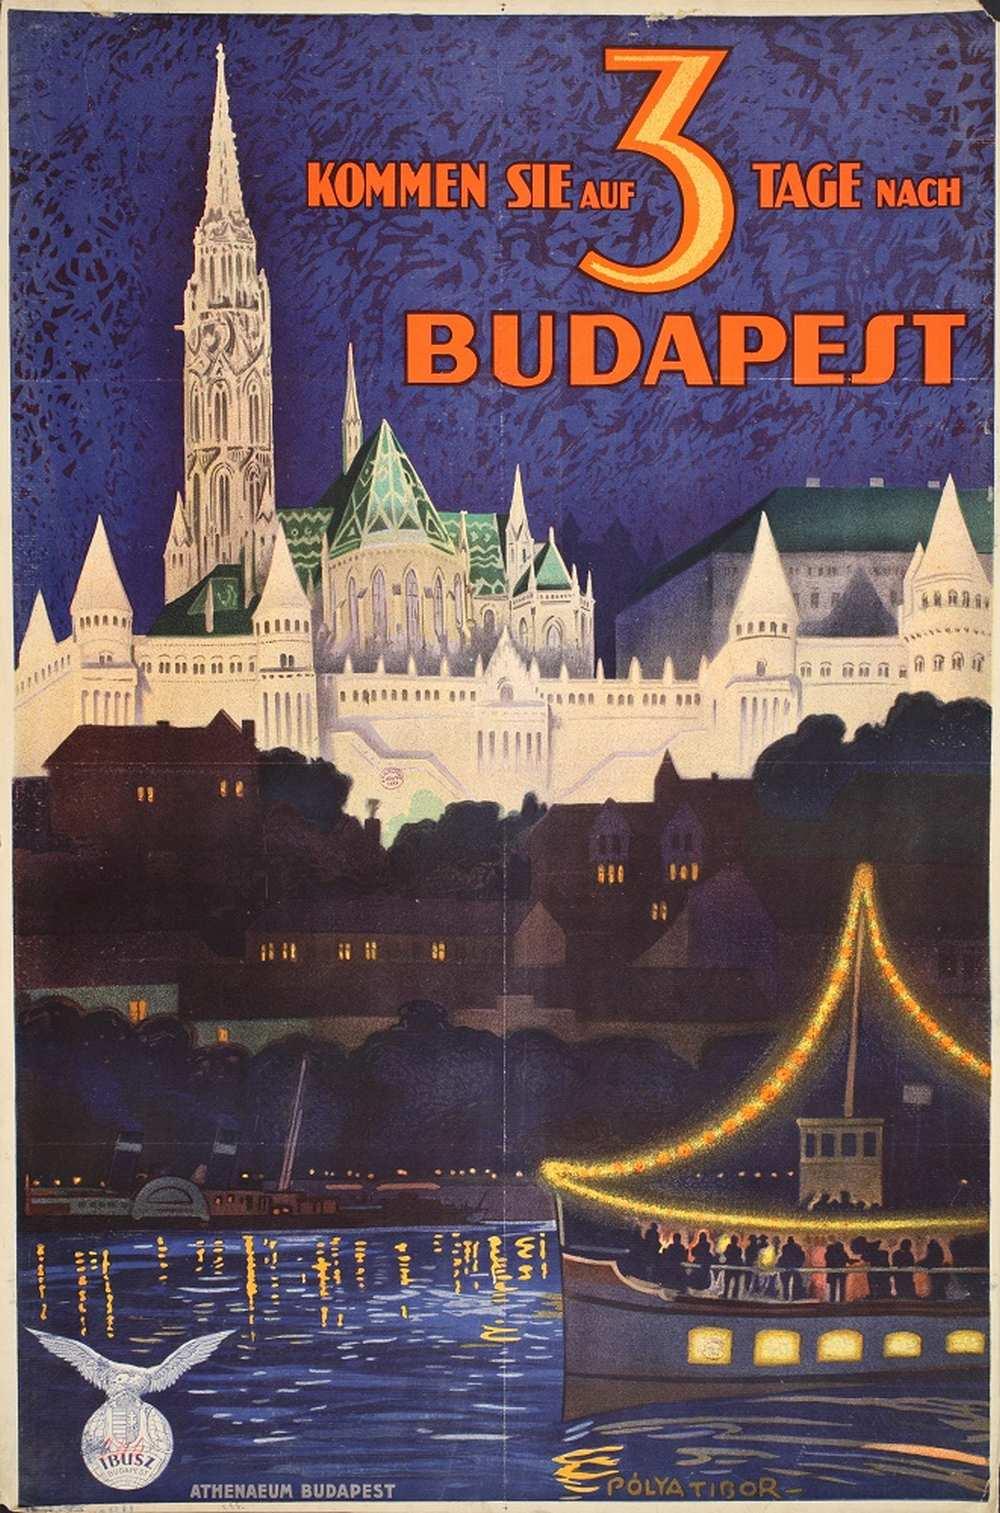 Pólya Tibor: Kommen Sie auf 3 Tage nach Budapest (1931). Jelzet: PKG.1931/118 – Térkép-, Plakát- és Kisnyomtatványtár http://nektar.oszk.hu/hu/manifestation/2790848